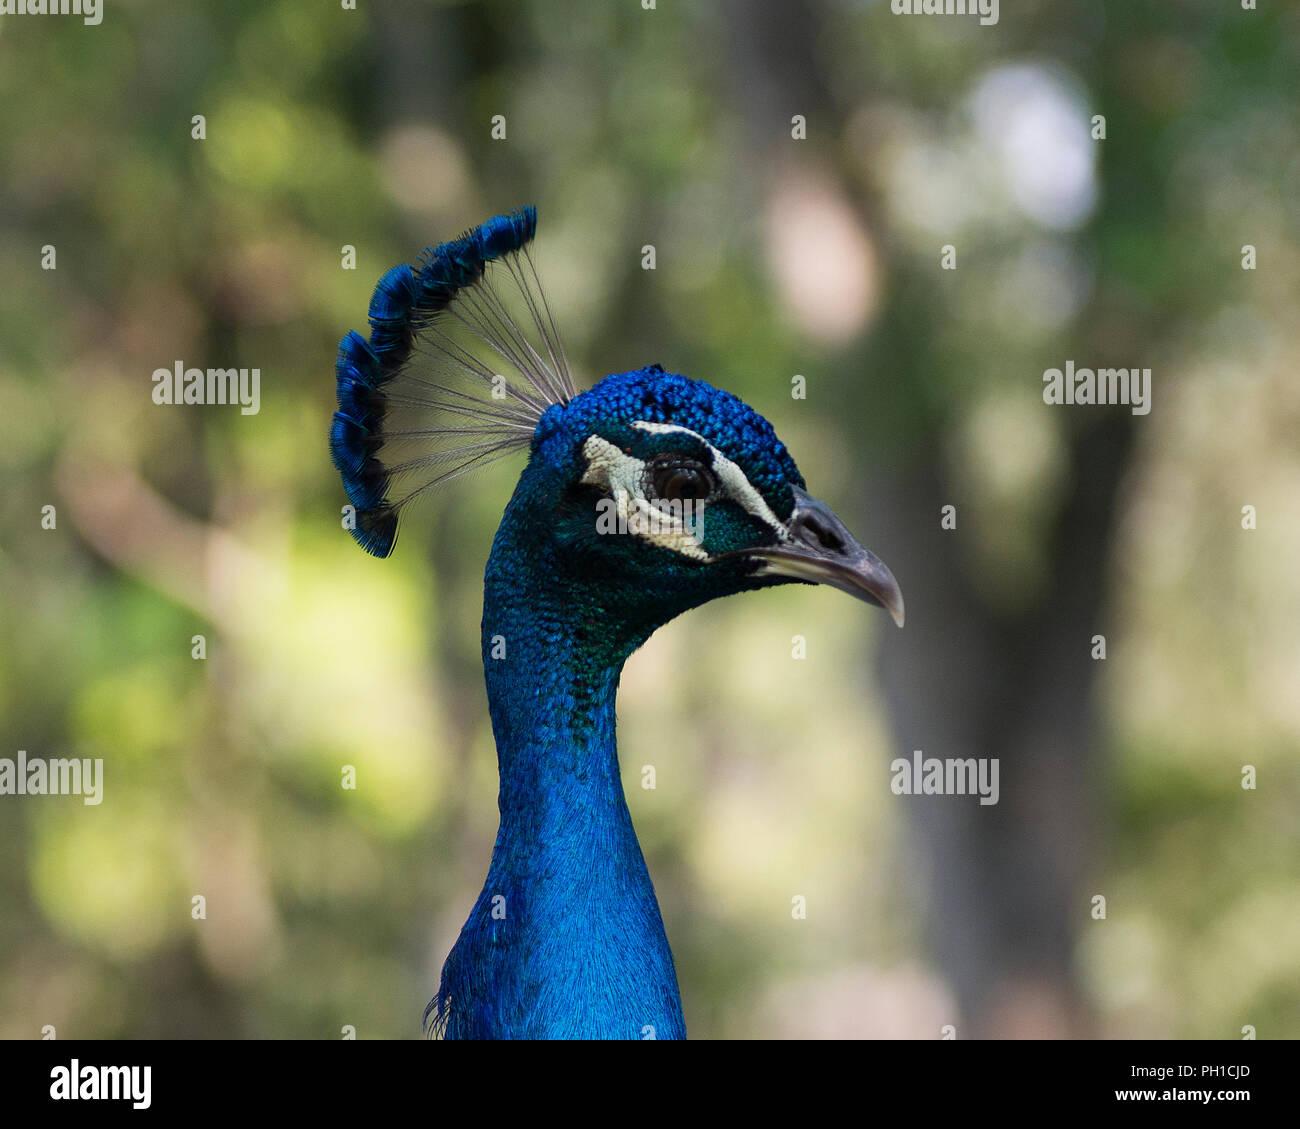 Peacock bird close up enjoying its surrounding. Stock Photo